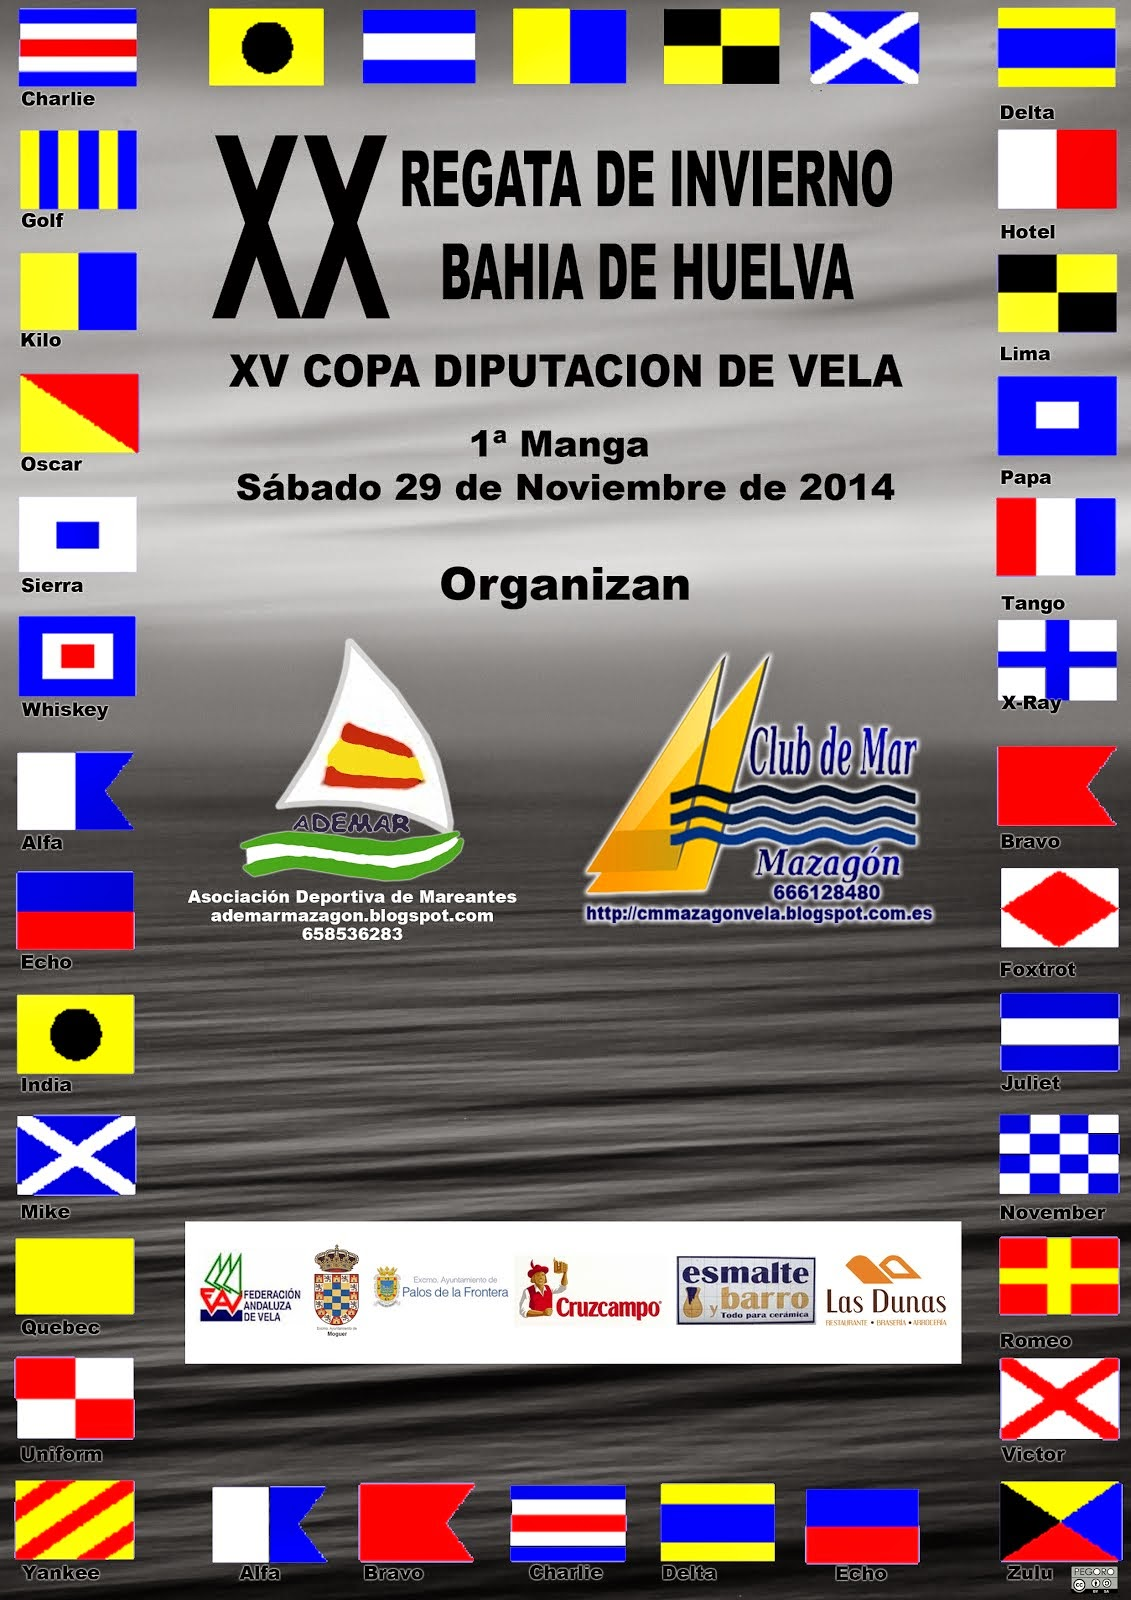 XX Regata Bahia de Huelva